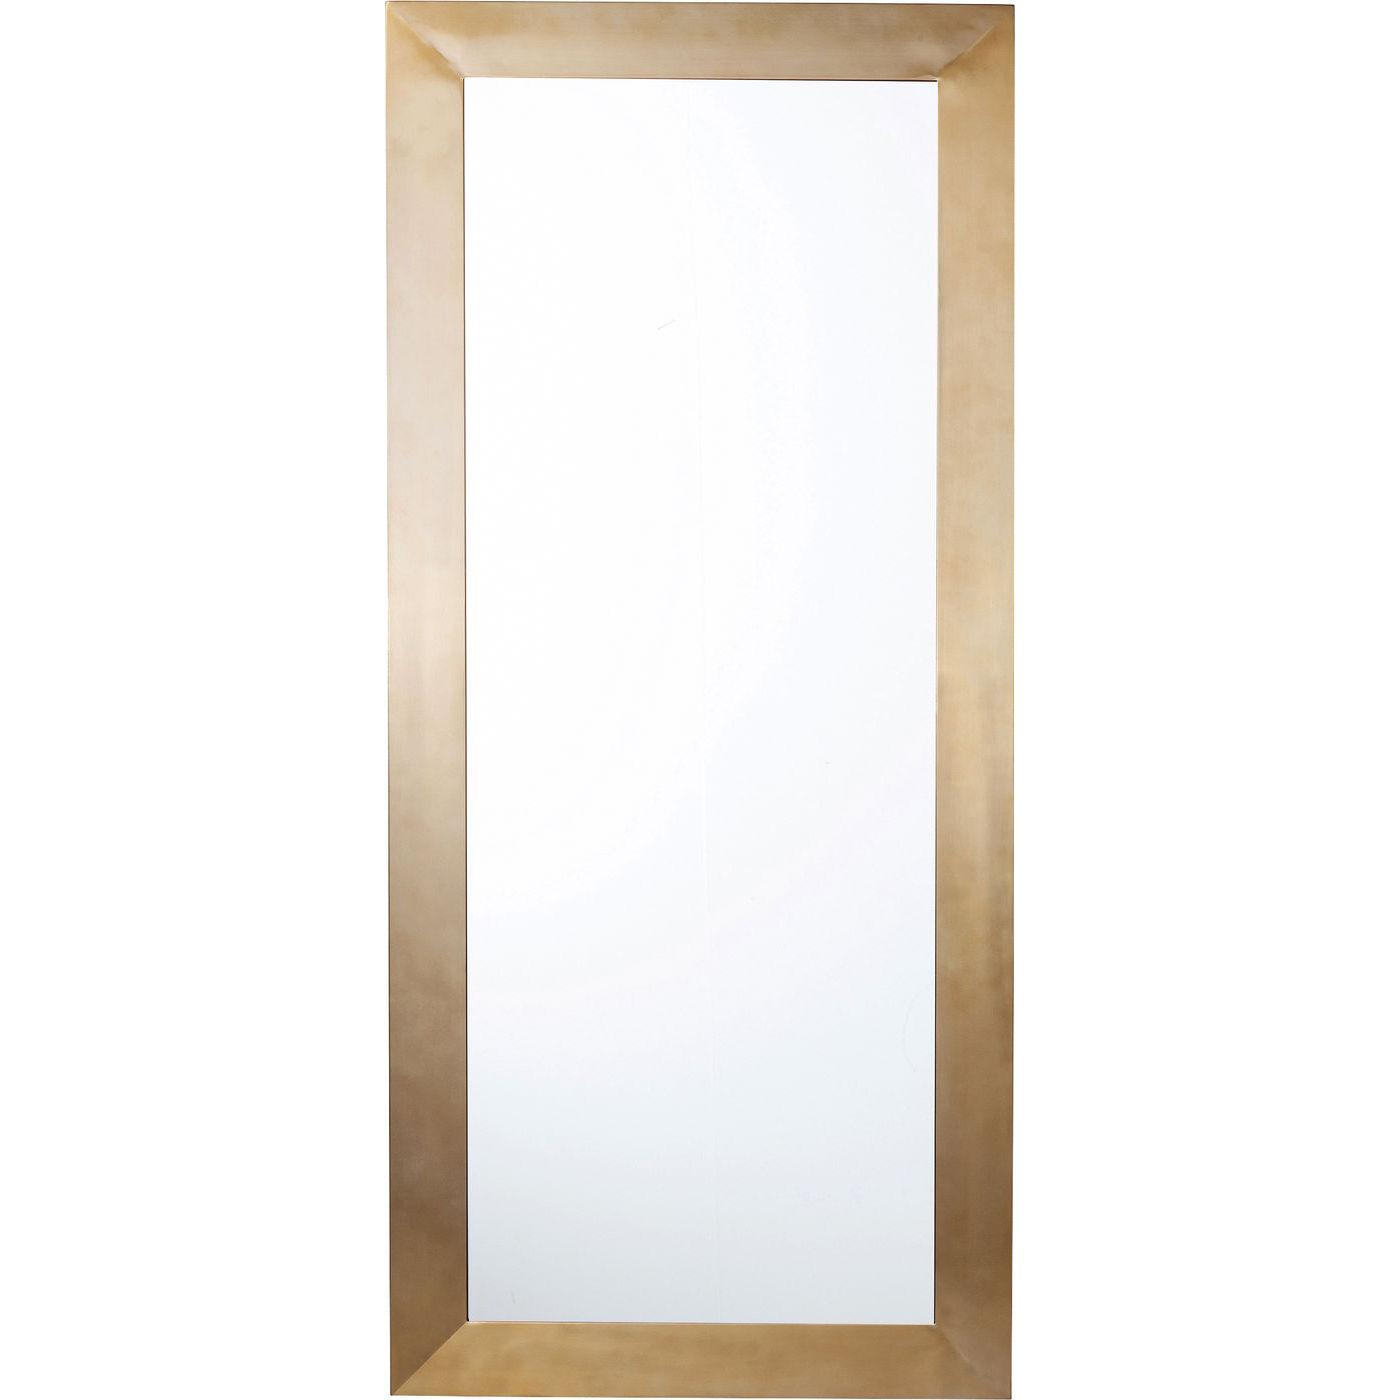 kare design – Kare design thunder vægspejl - spejlglas/messing stål, rektangulær (180x80) på boboonline.dk